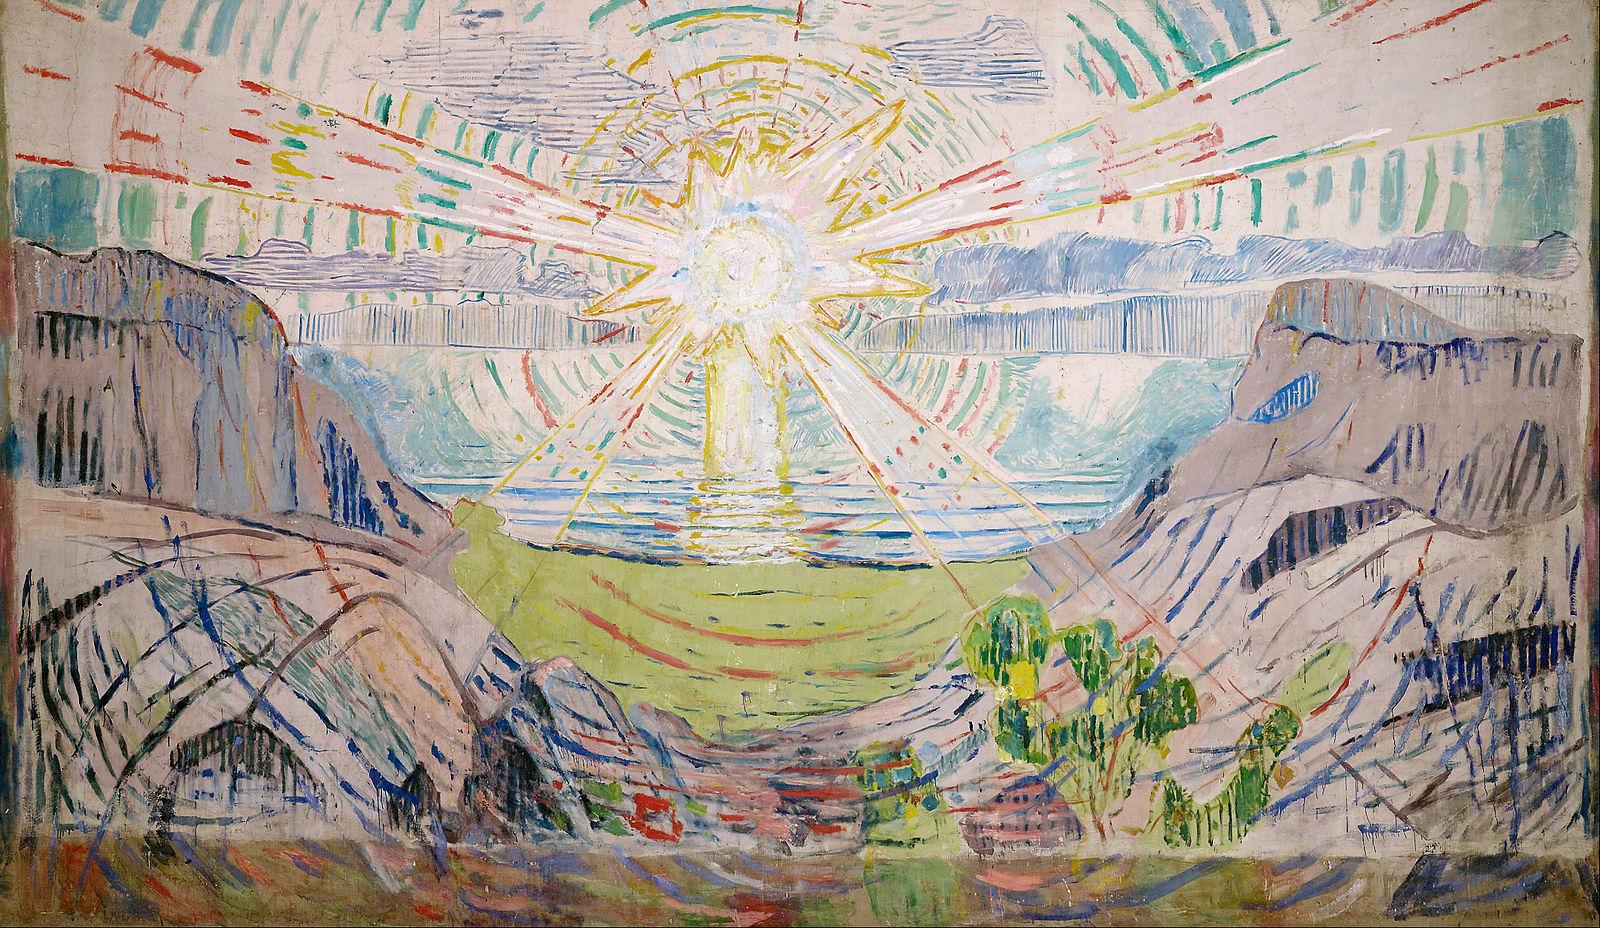 THE SUN  Oil on Canvas, 1910